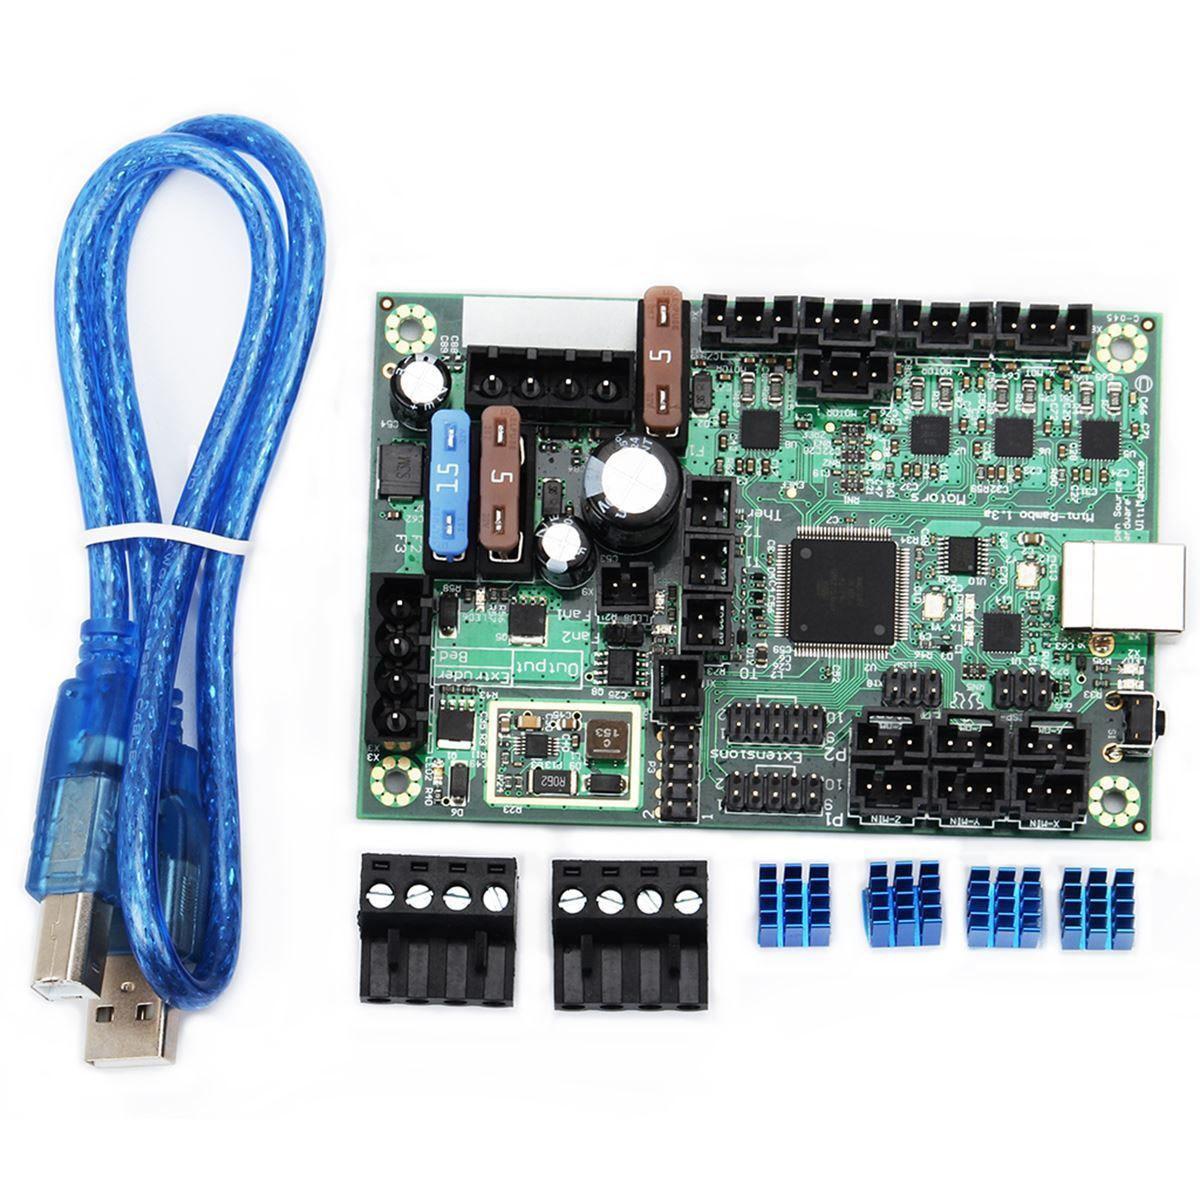 1 pc DC 10-28 v Mini-Rambo 1.3 Contrôle Conseil Ensemble Kit 3D Imprimante Partie et Accessoires pour Prusa MK2